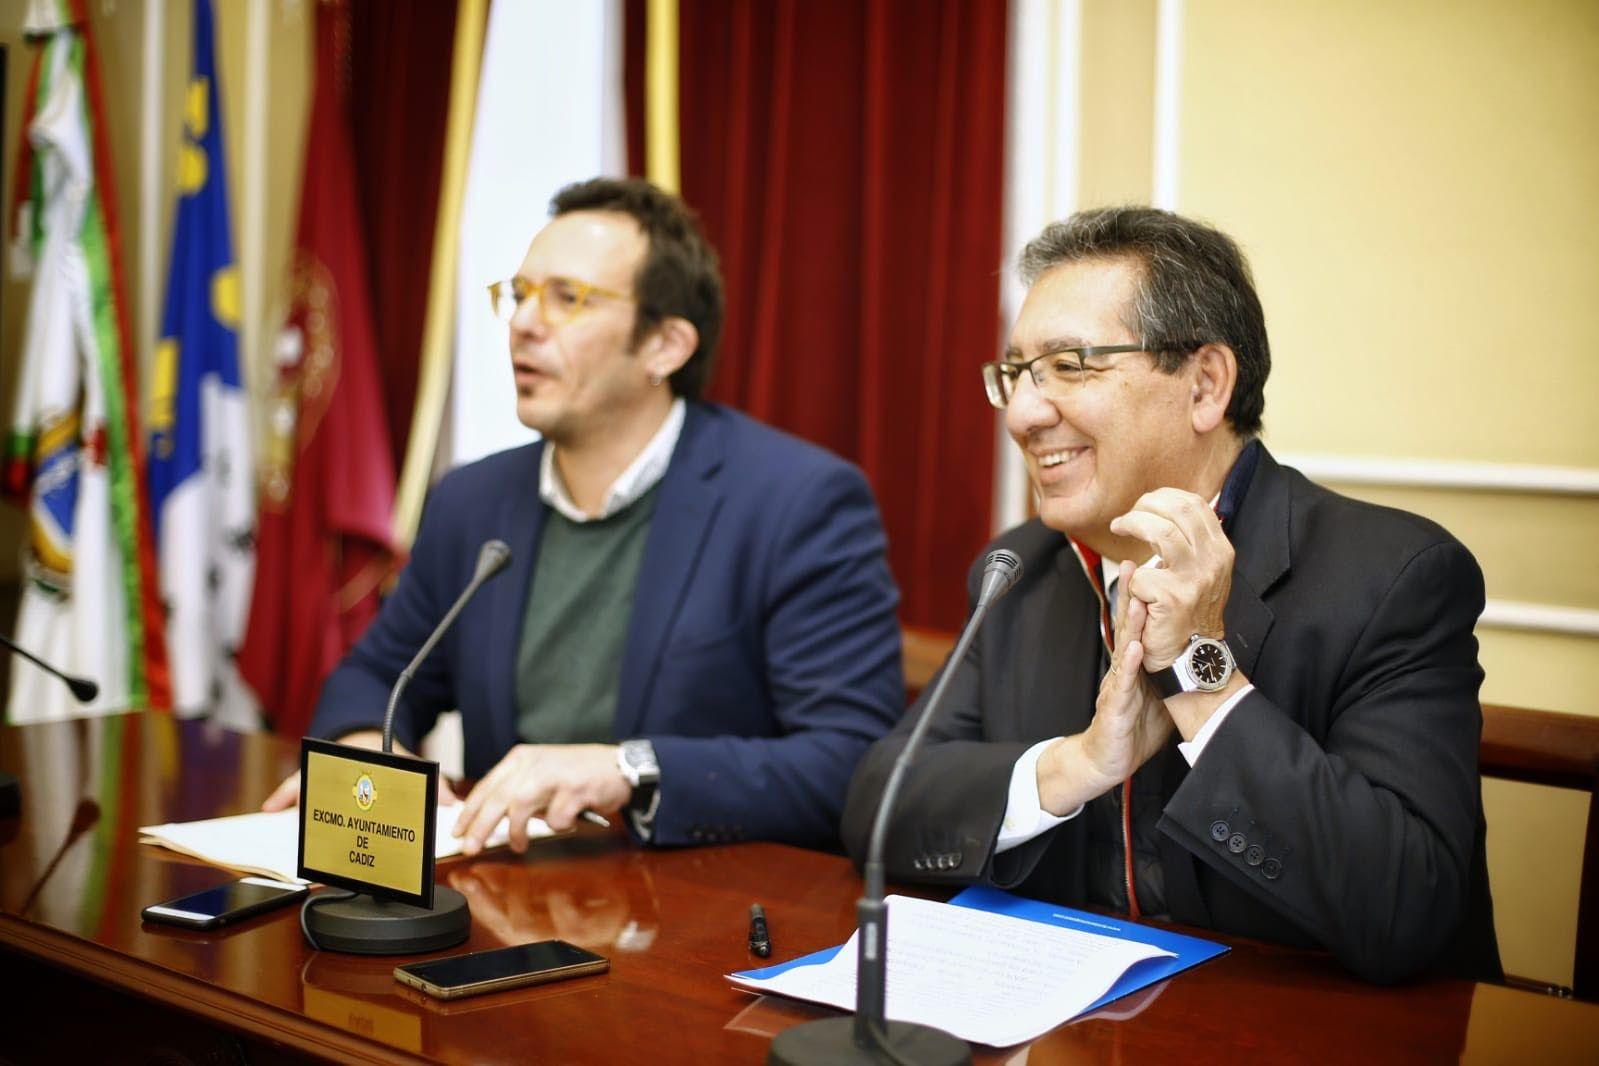 Alcalde de Cadiz y Presidente de la Fundacion Cajasol